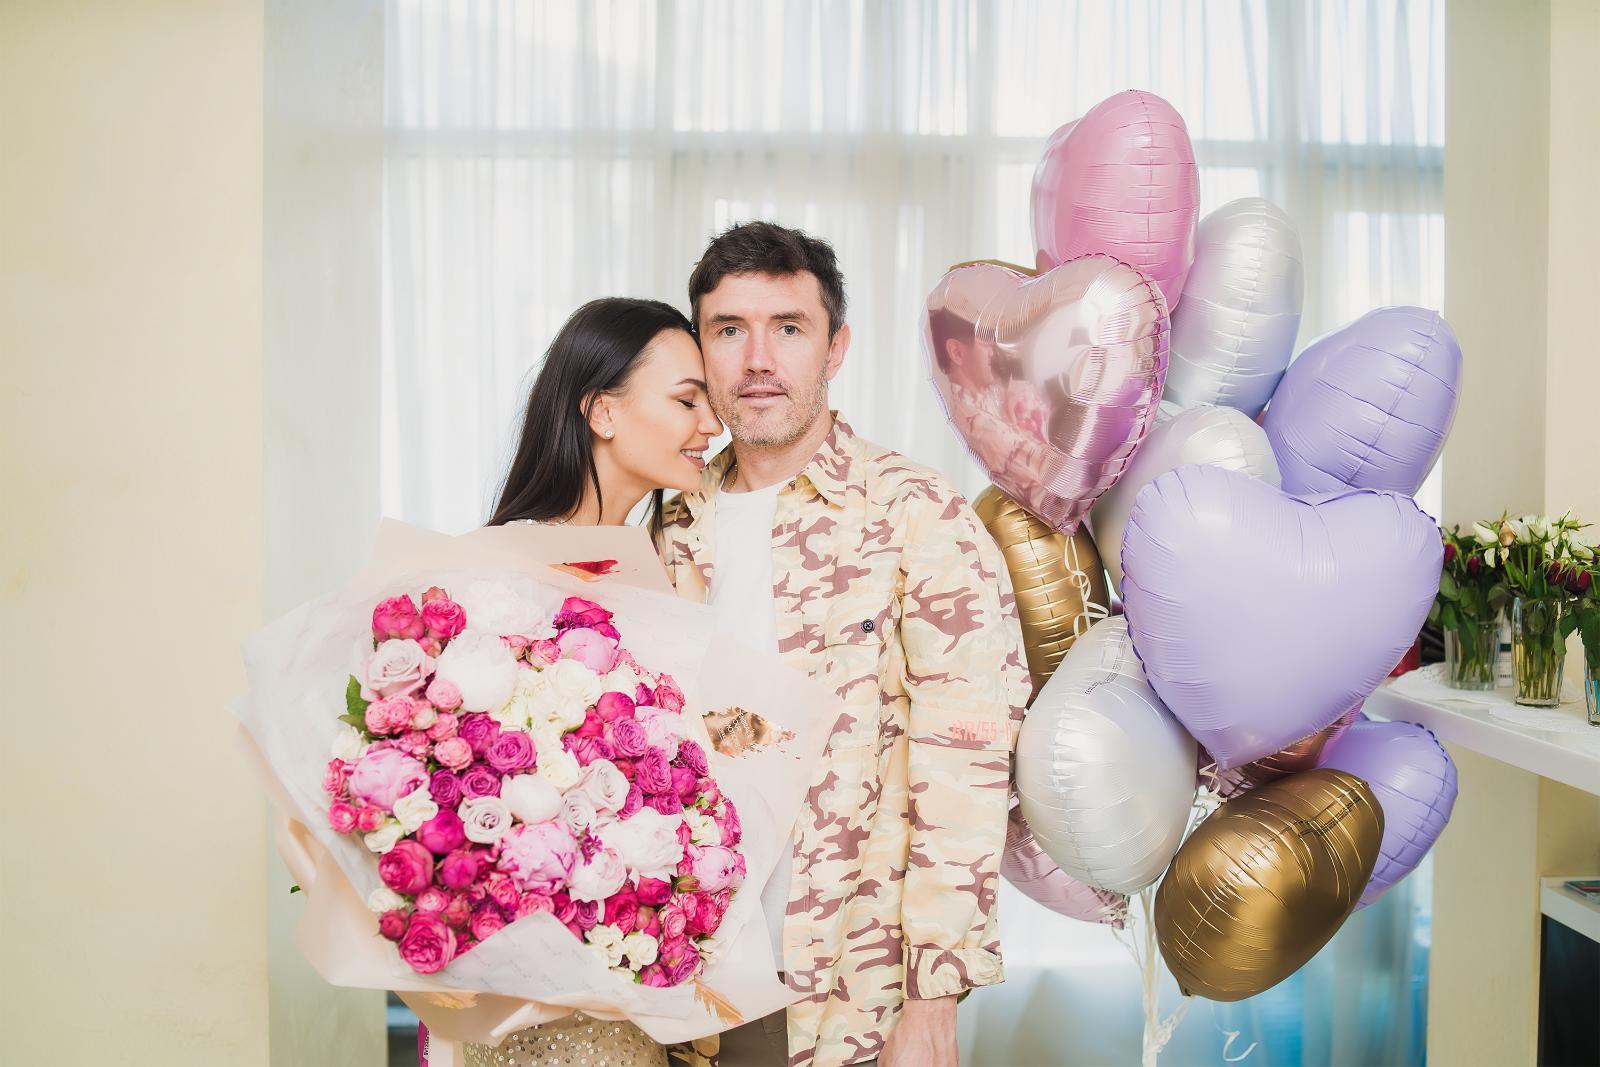 Инна Жиркова отметила день рождения на самоизоляции в кругу семьи: [i]«Вы знаете, мне доставили такое огромное количество букетов, что сложилось ощущение, будто я отмечала день рождения на сто человек, —